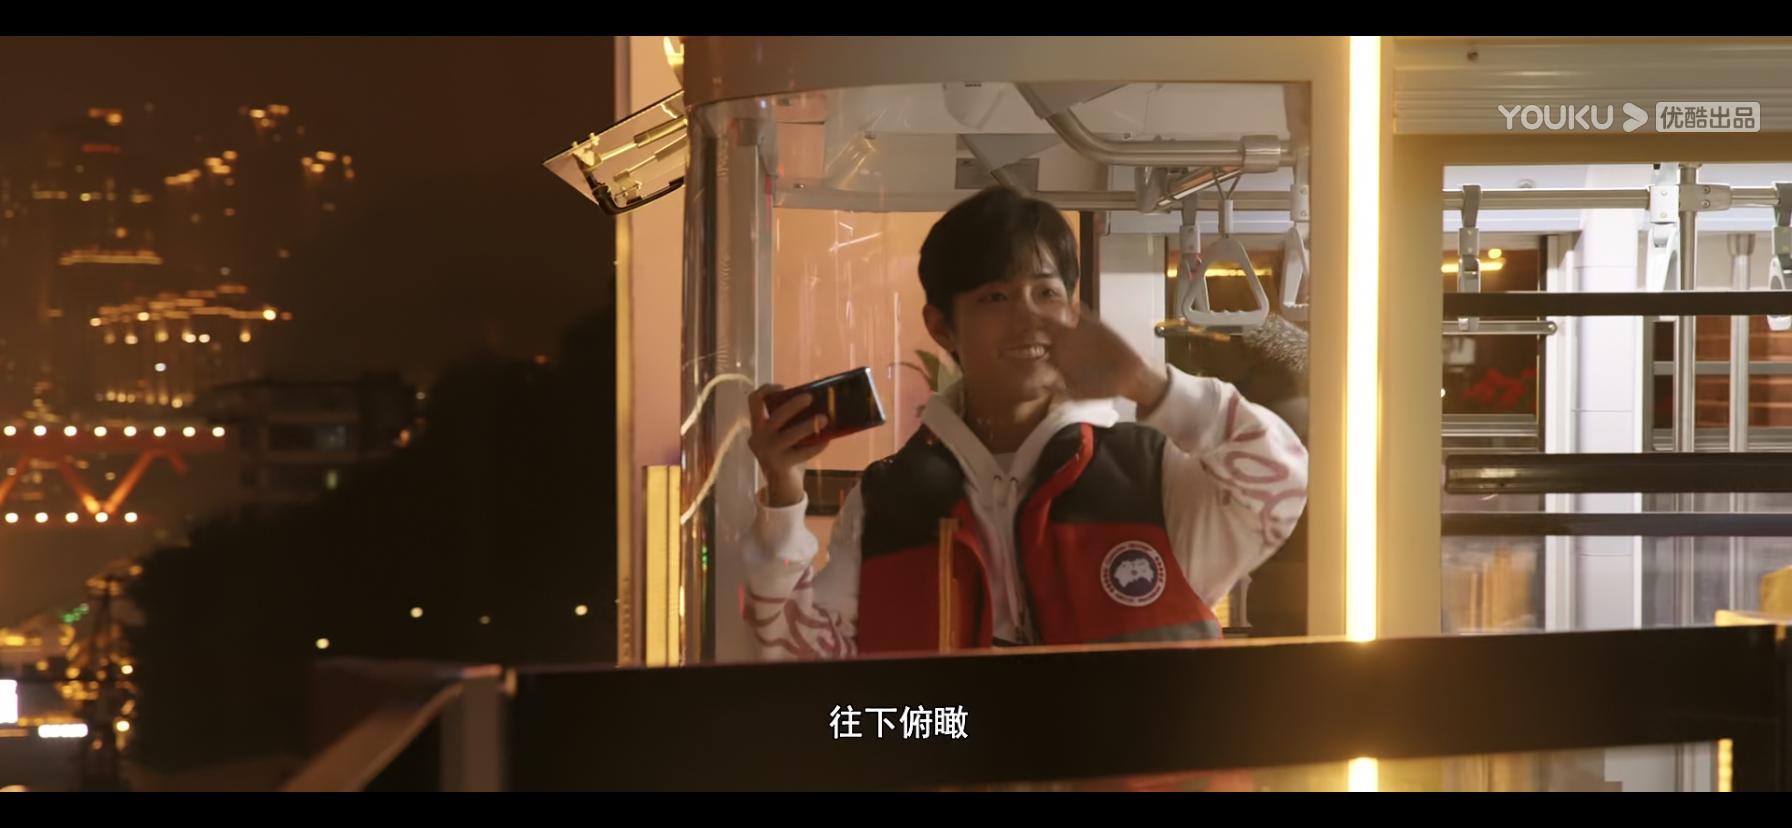 Xiao Zhan in Yangtze River Cableway